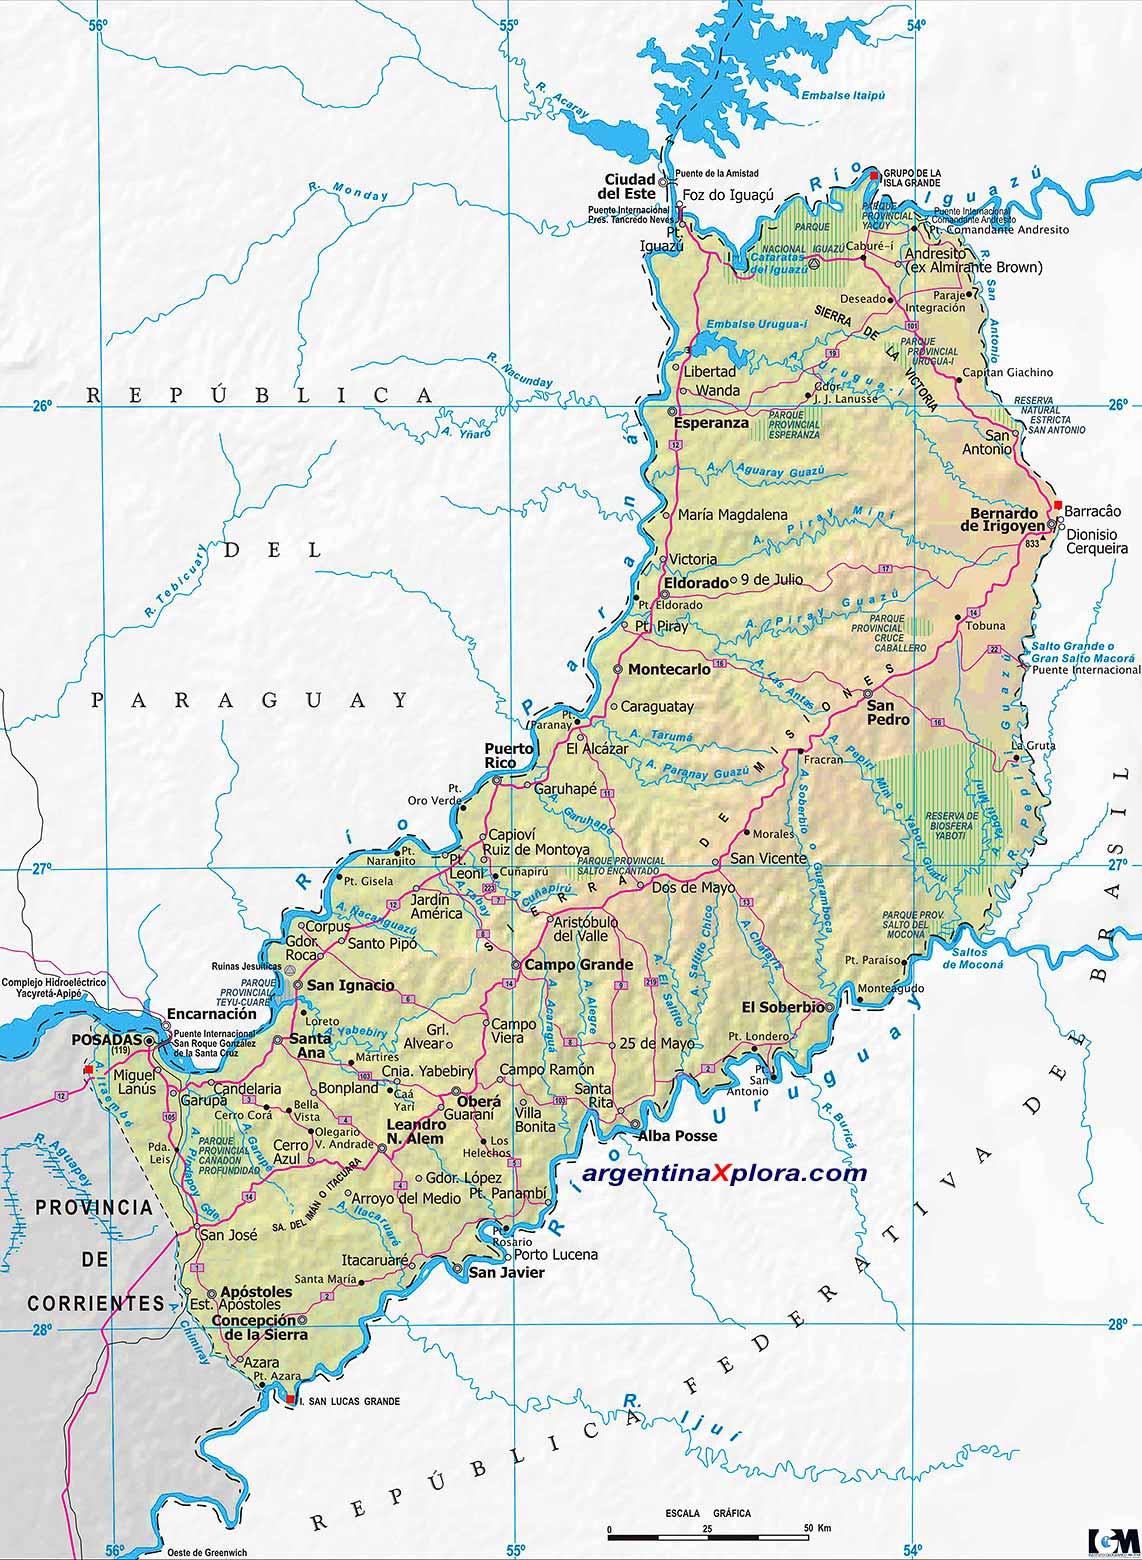 Mapa De Rutas Y Localidades De La Provincia De Misiones Argentina